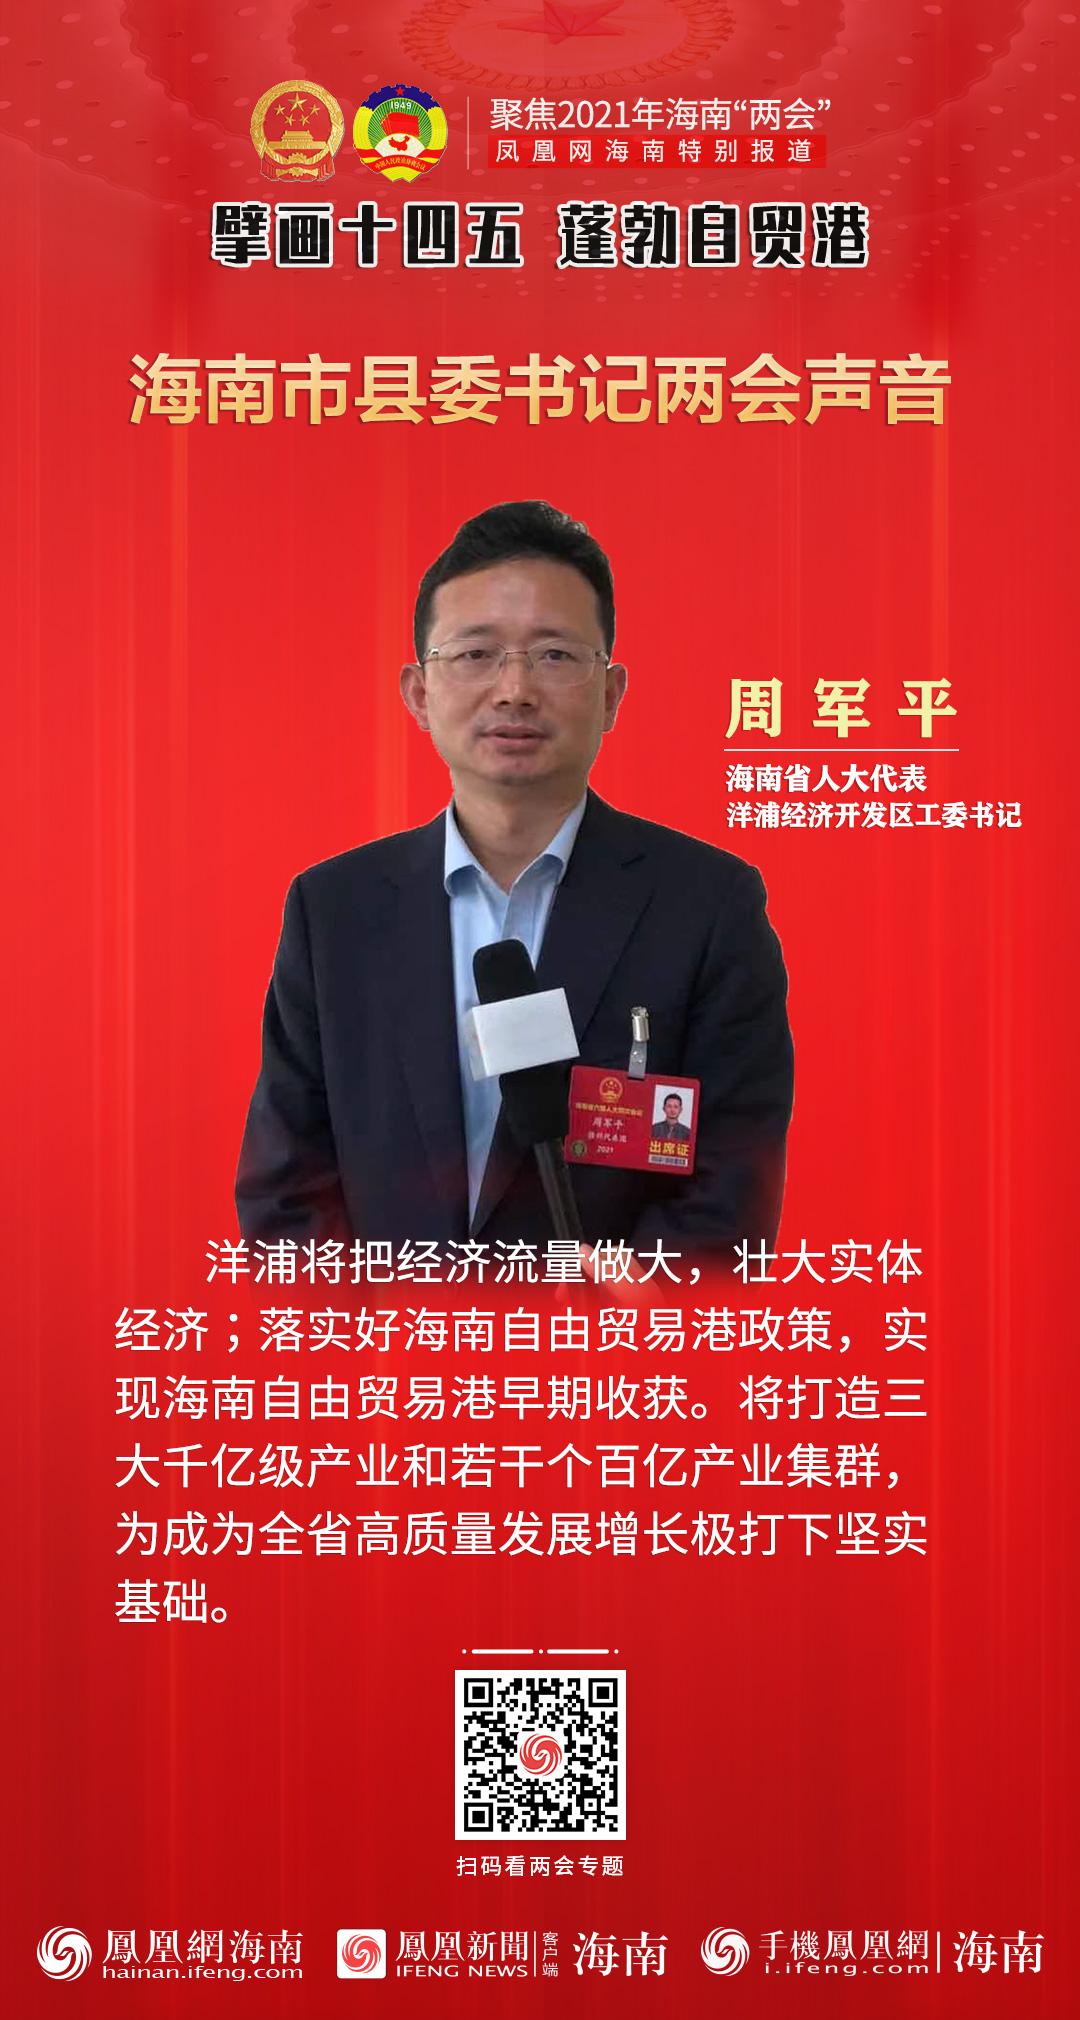 2021海南两会手机海报│洋浦工委书记周军平:将打造三大千亿级产业和若干个百亿产业集群